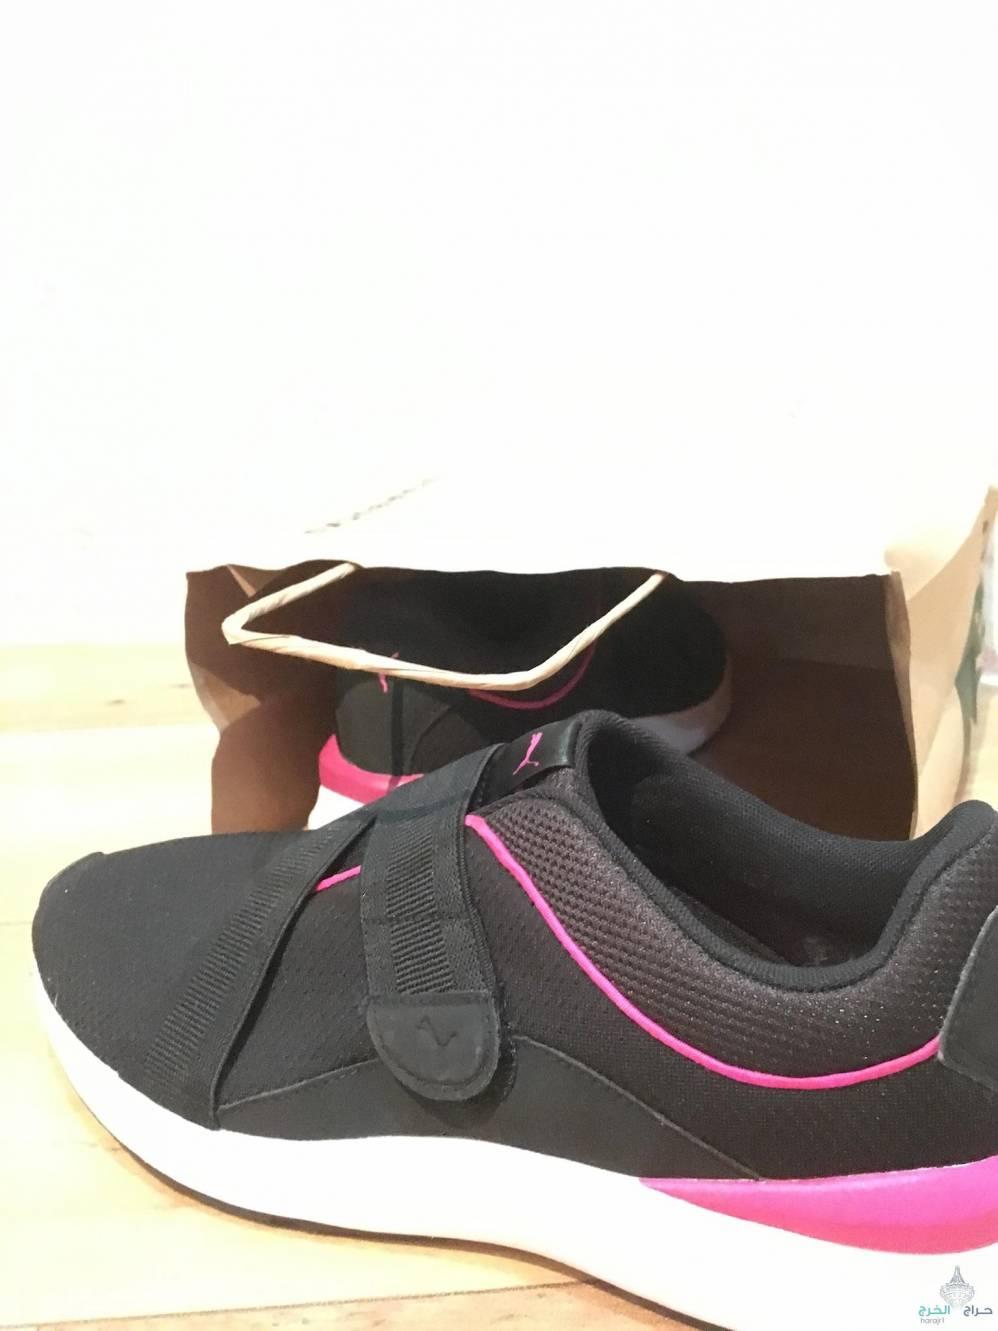 حذاء ماركة بوما ..